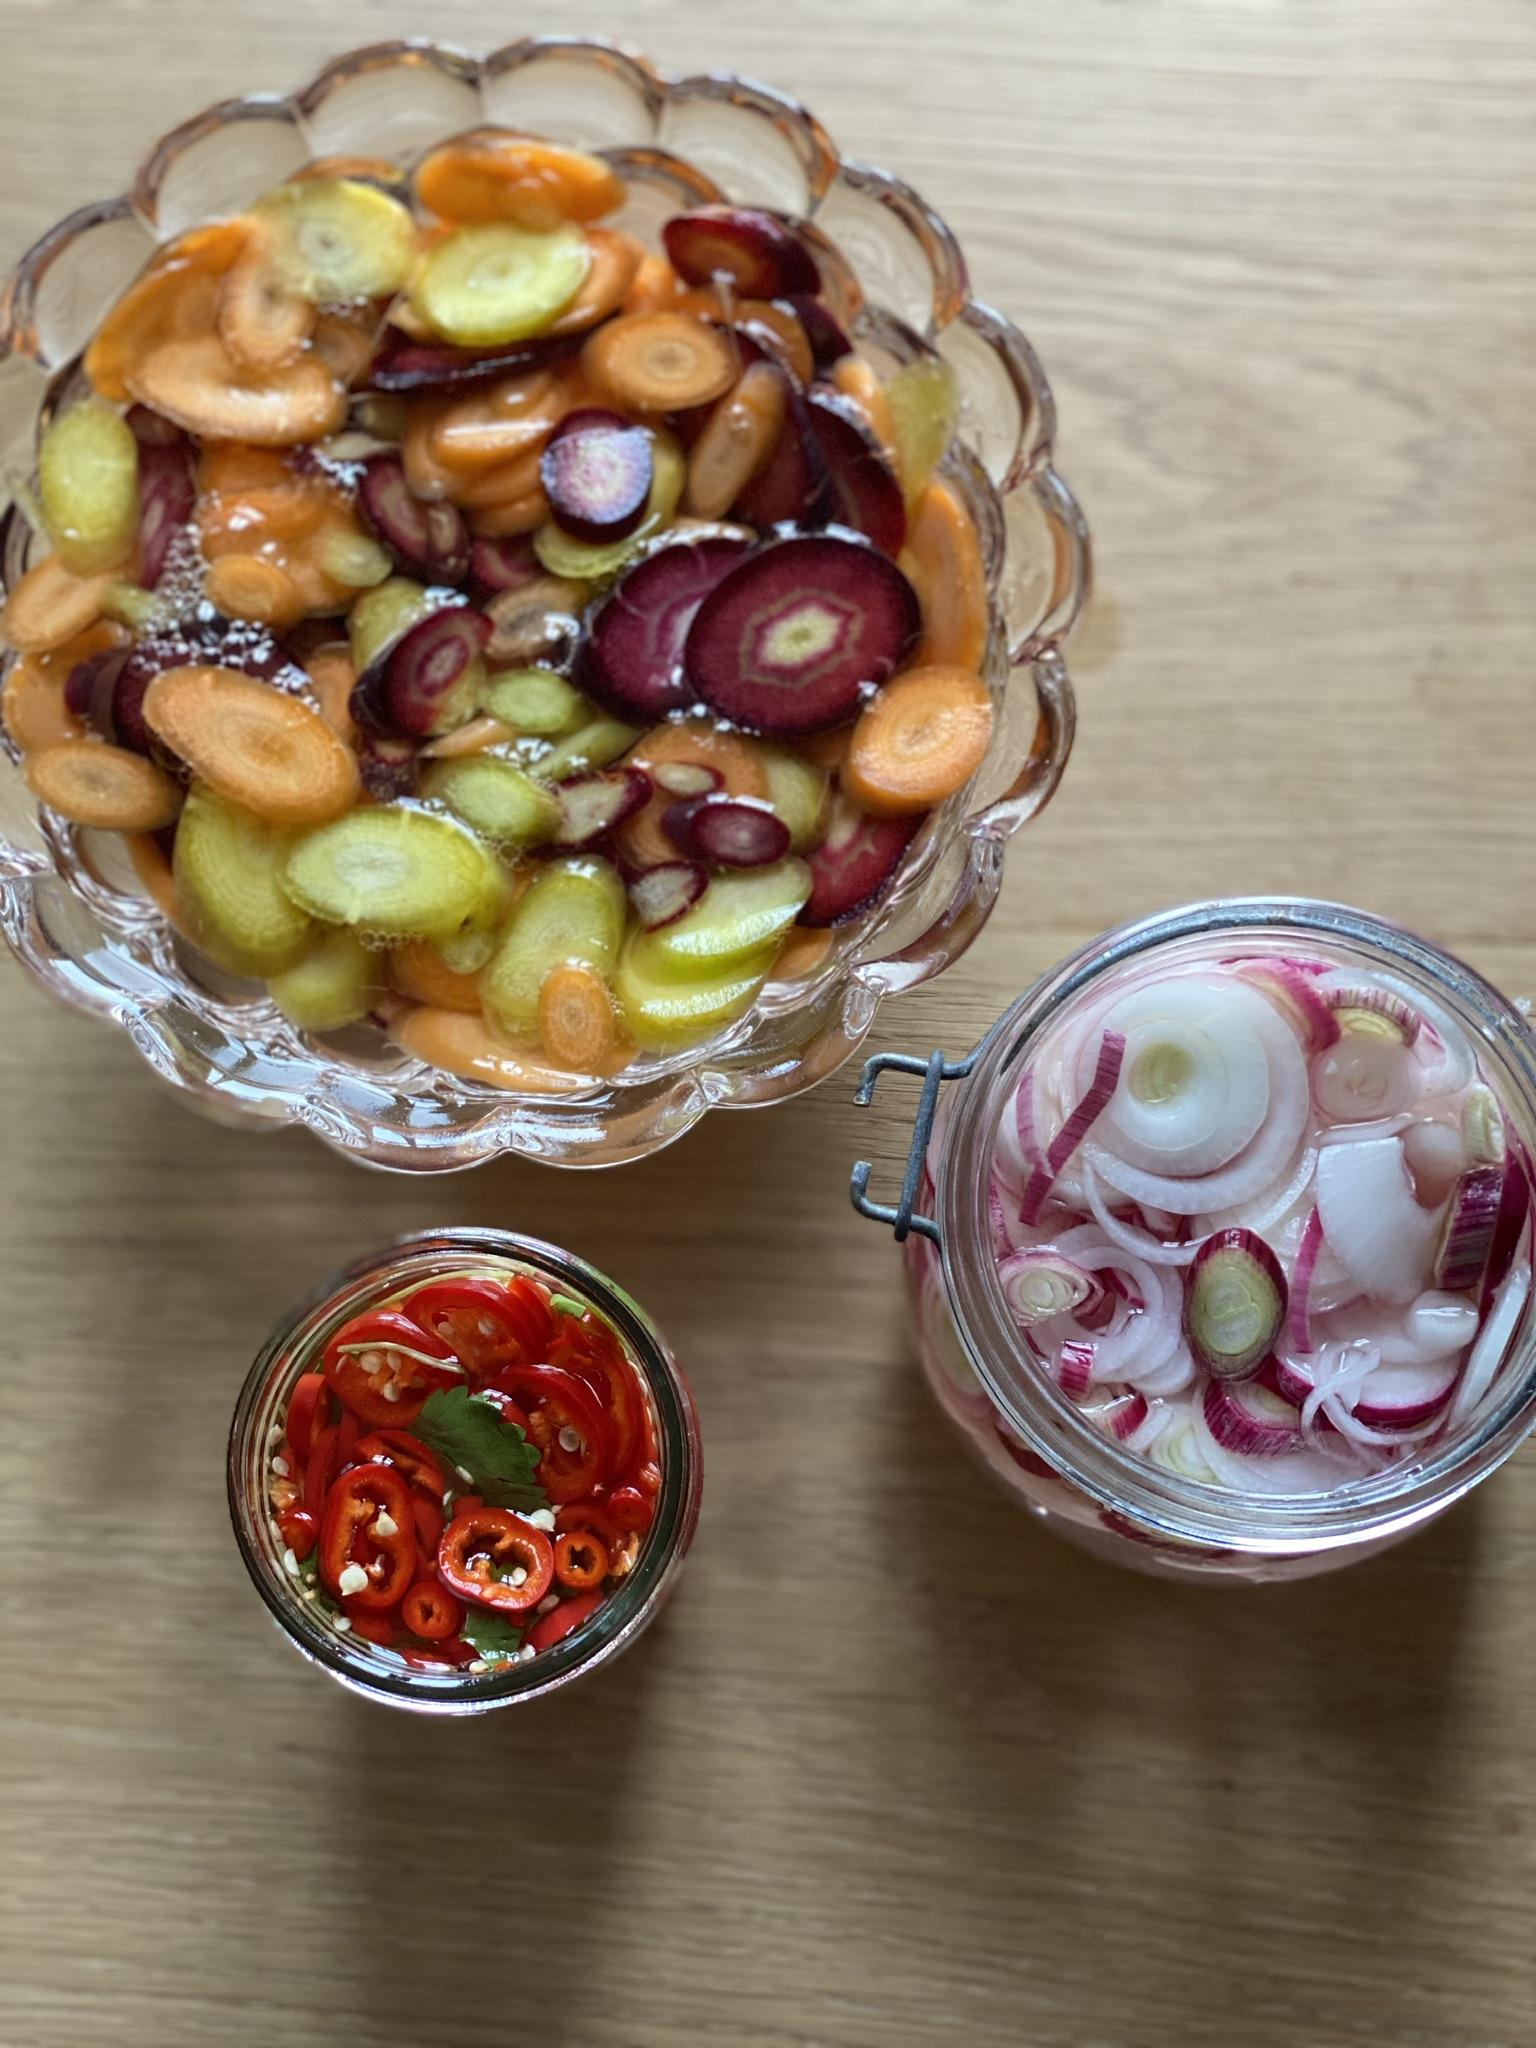 Picklad Chili